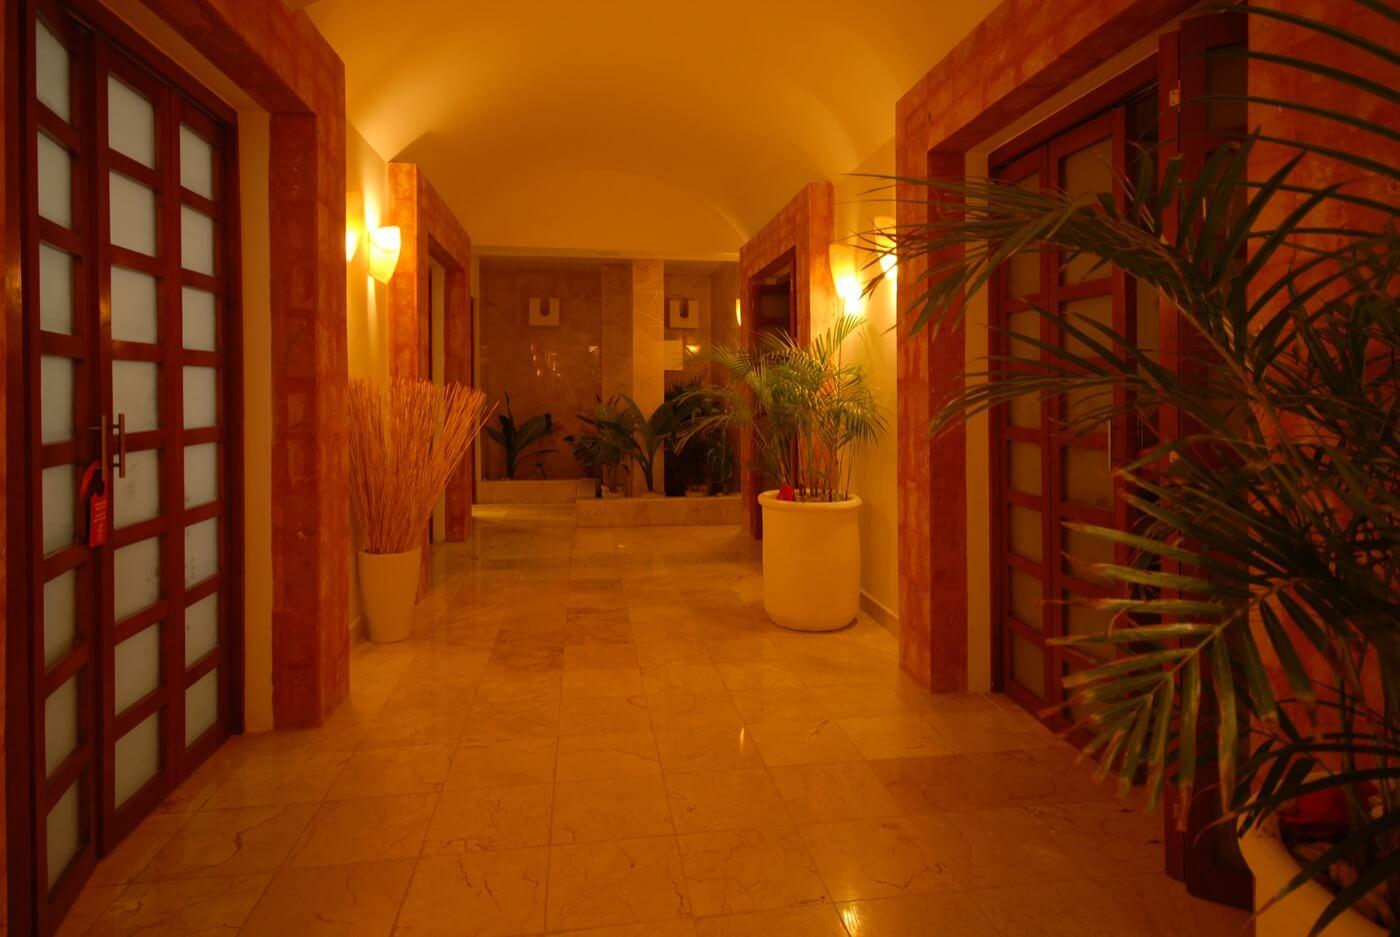 Jacuzzi ambientado con velas relajantes en Hotel Grand Oasis Palm